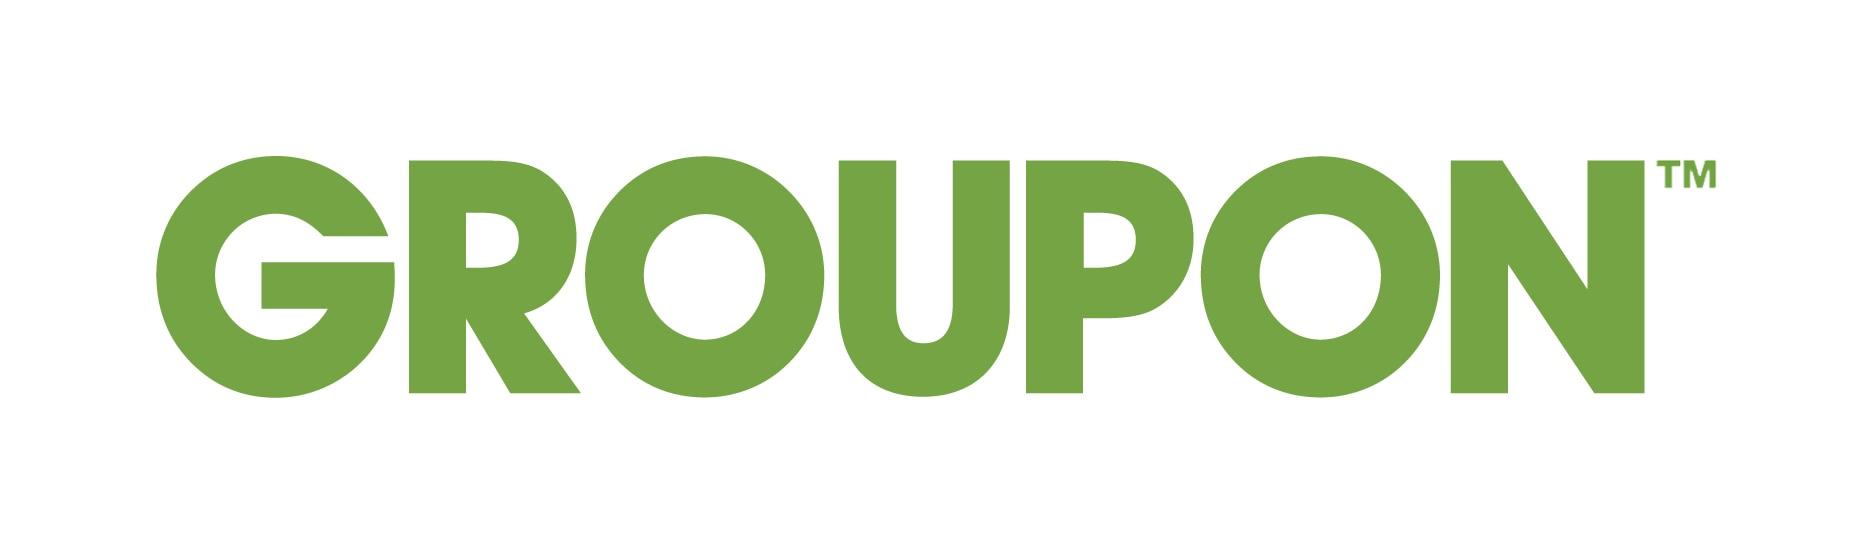 Groupon $5 Deals